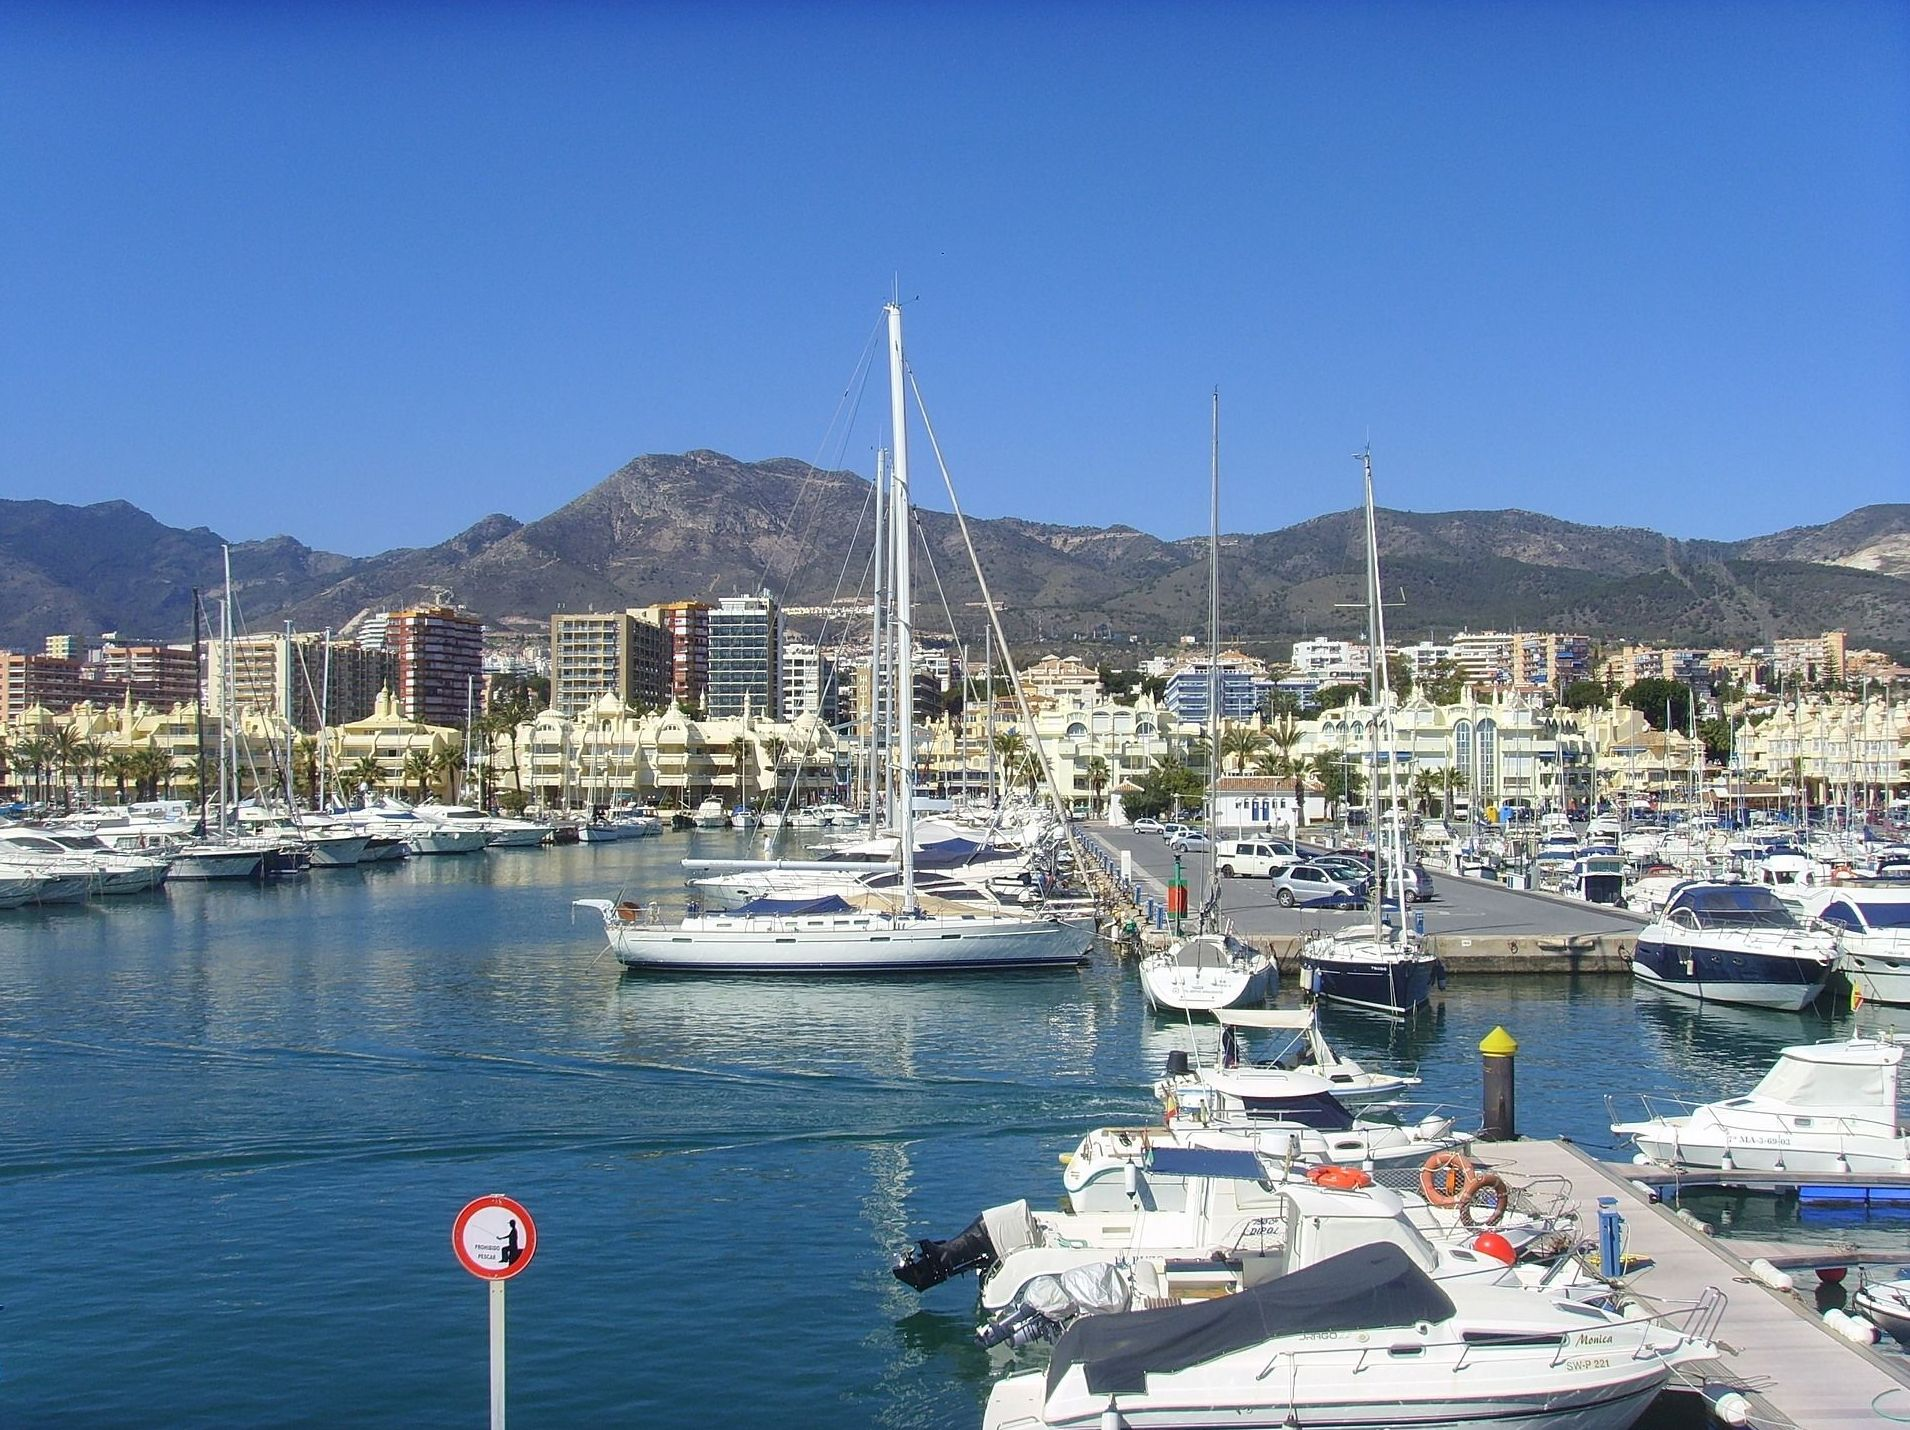 Compra y venta de yates de segunda mano en Tenerife